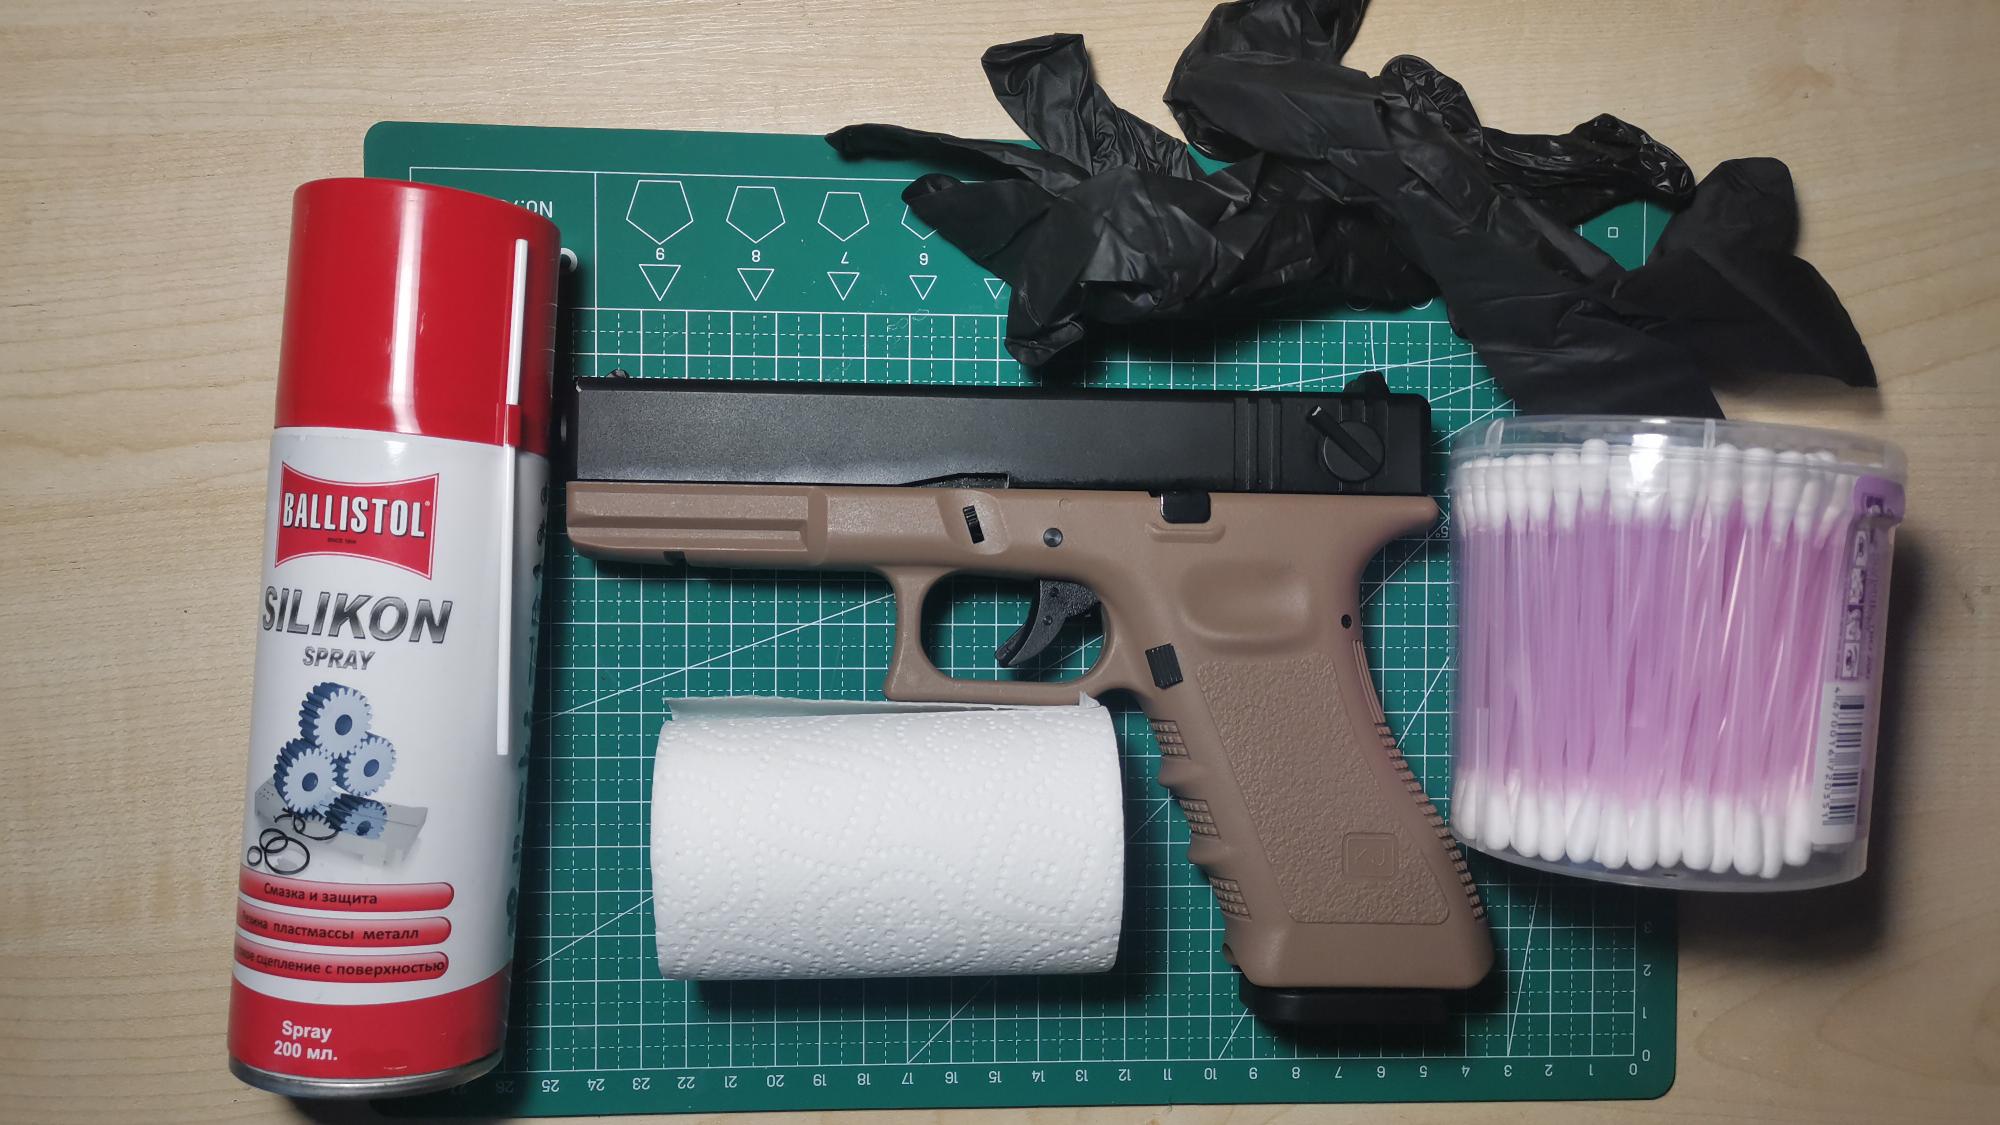 [海外拍摄]清洁保养KJW格洛克G18玩具 无人声